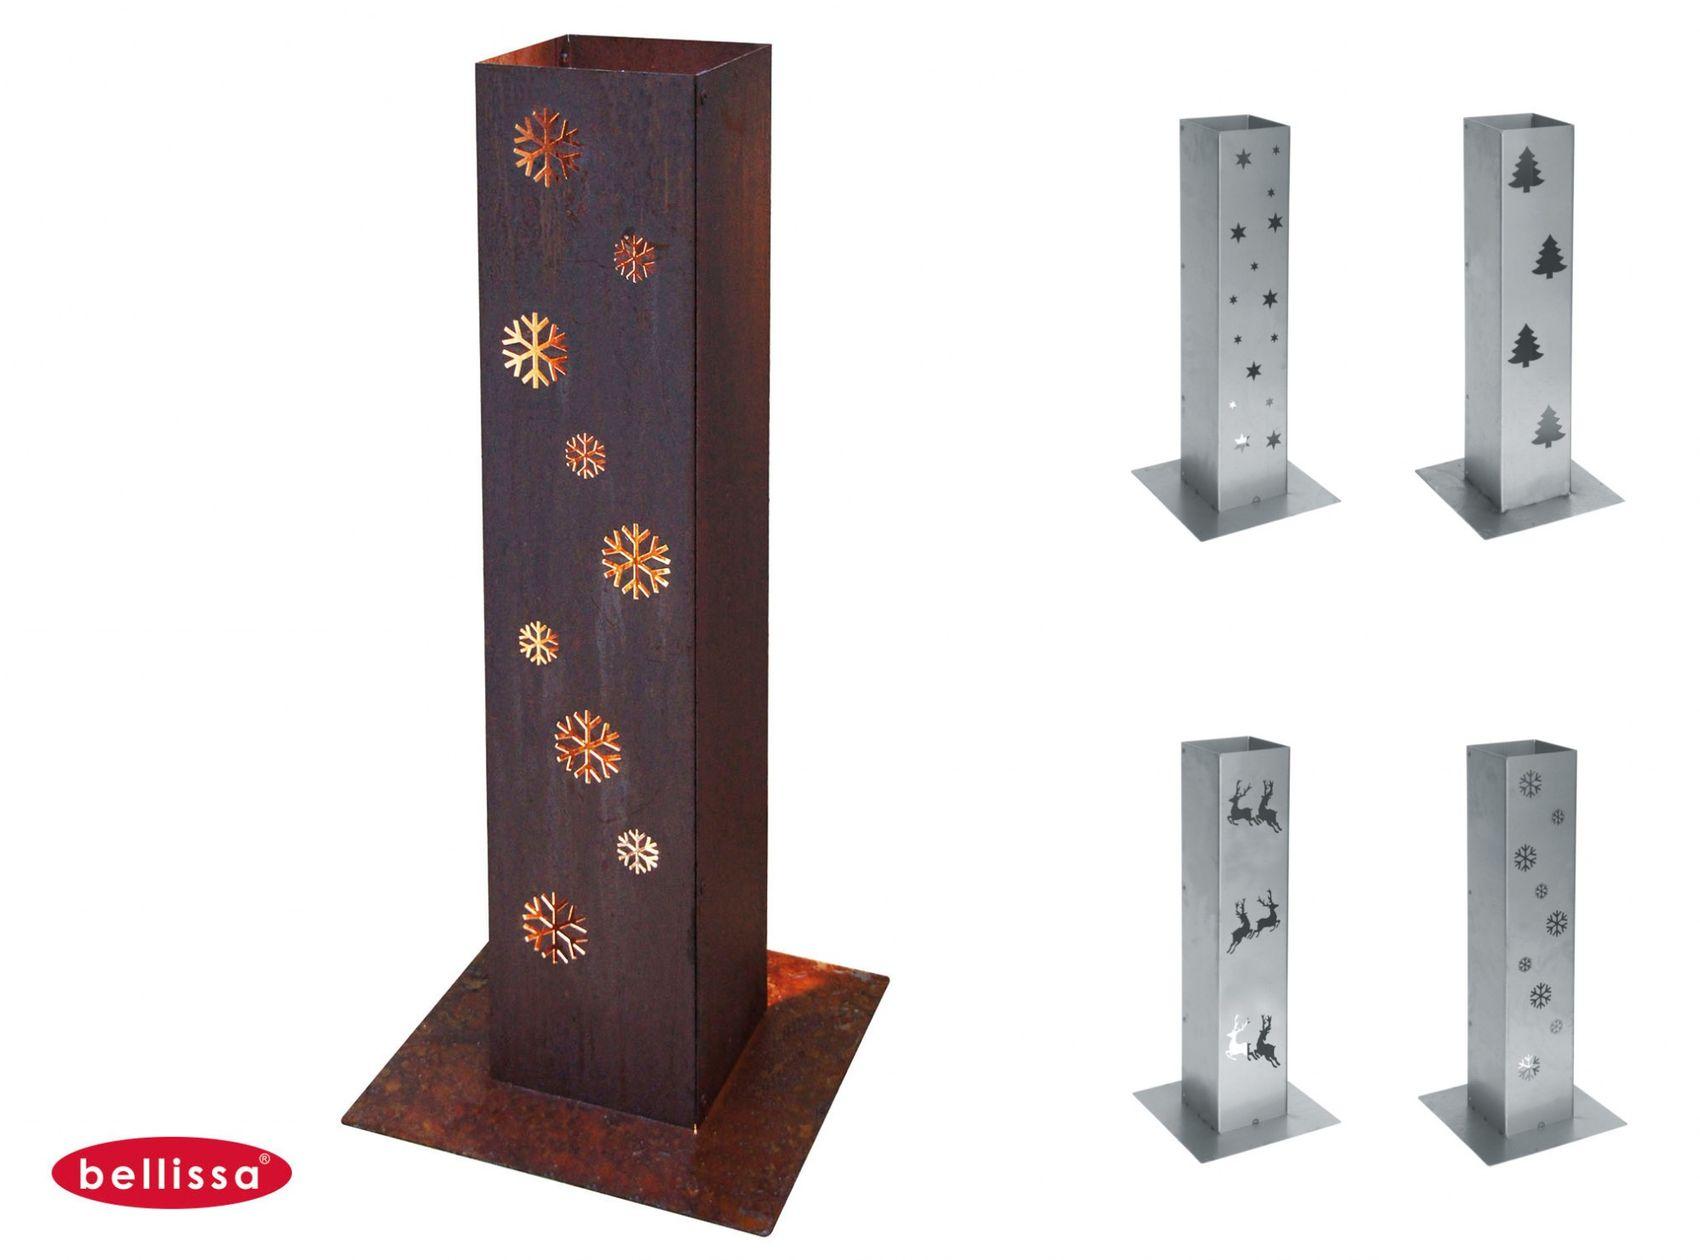 Bellissa corten feuers ule 70cm lichts ule windlicht for Edelstahl dekoration metalldekoration